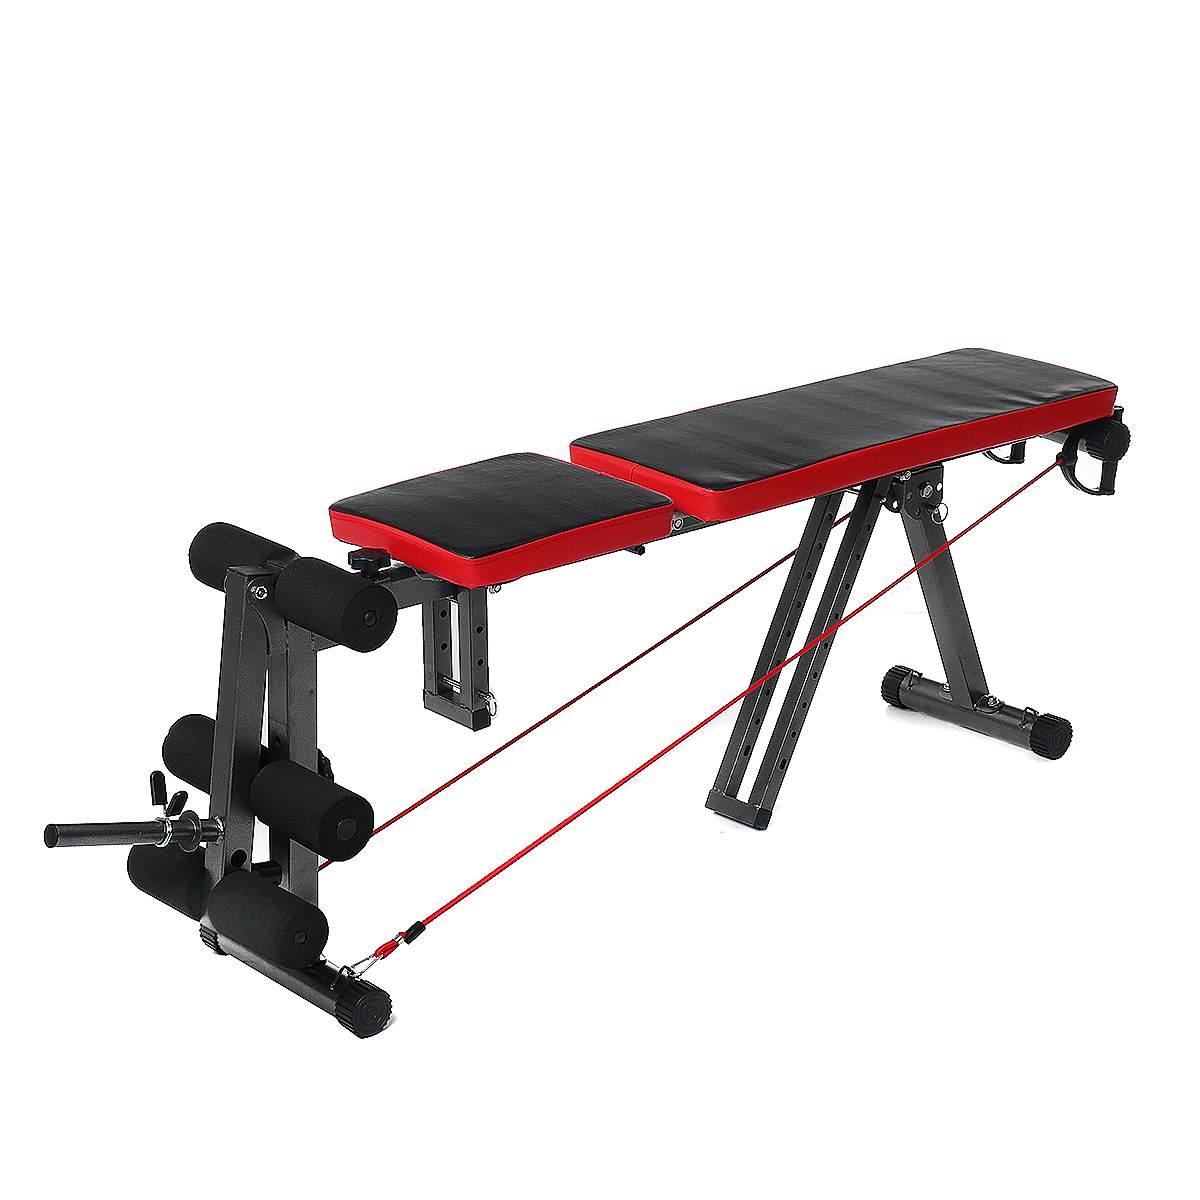 Banc d'entraînement de remise en forme en acier multifonctionnel Durable Stable et confortable - 4